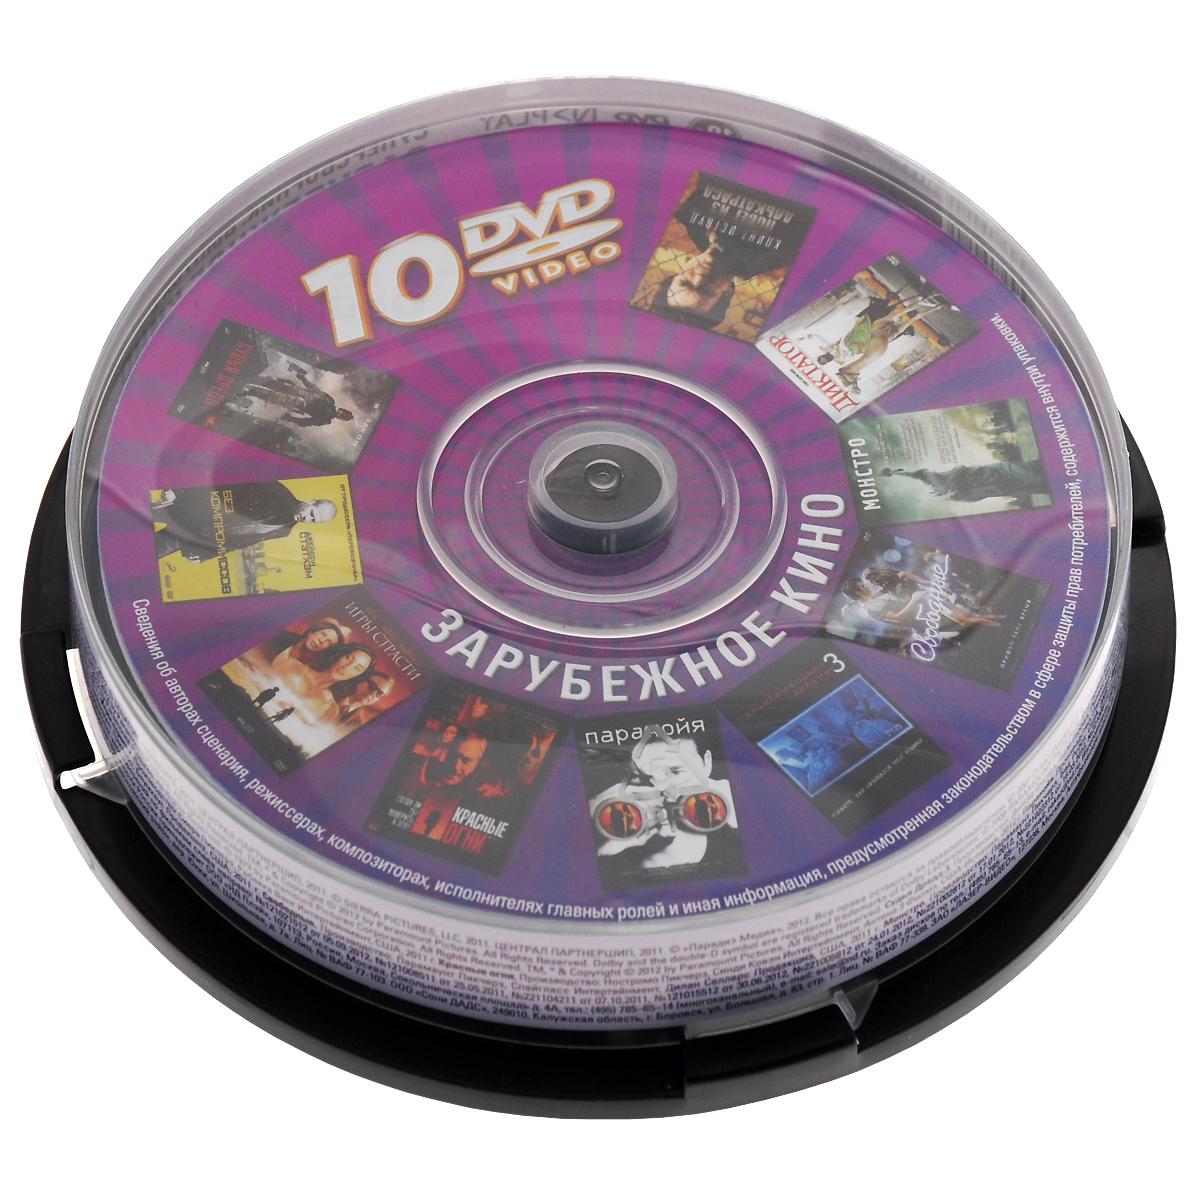 цена на Суперсборник: Выпуск 2: Зарубежное кино (10 DVD)